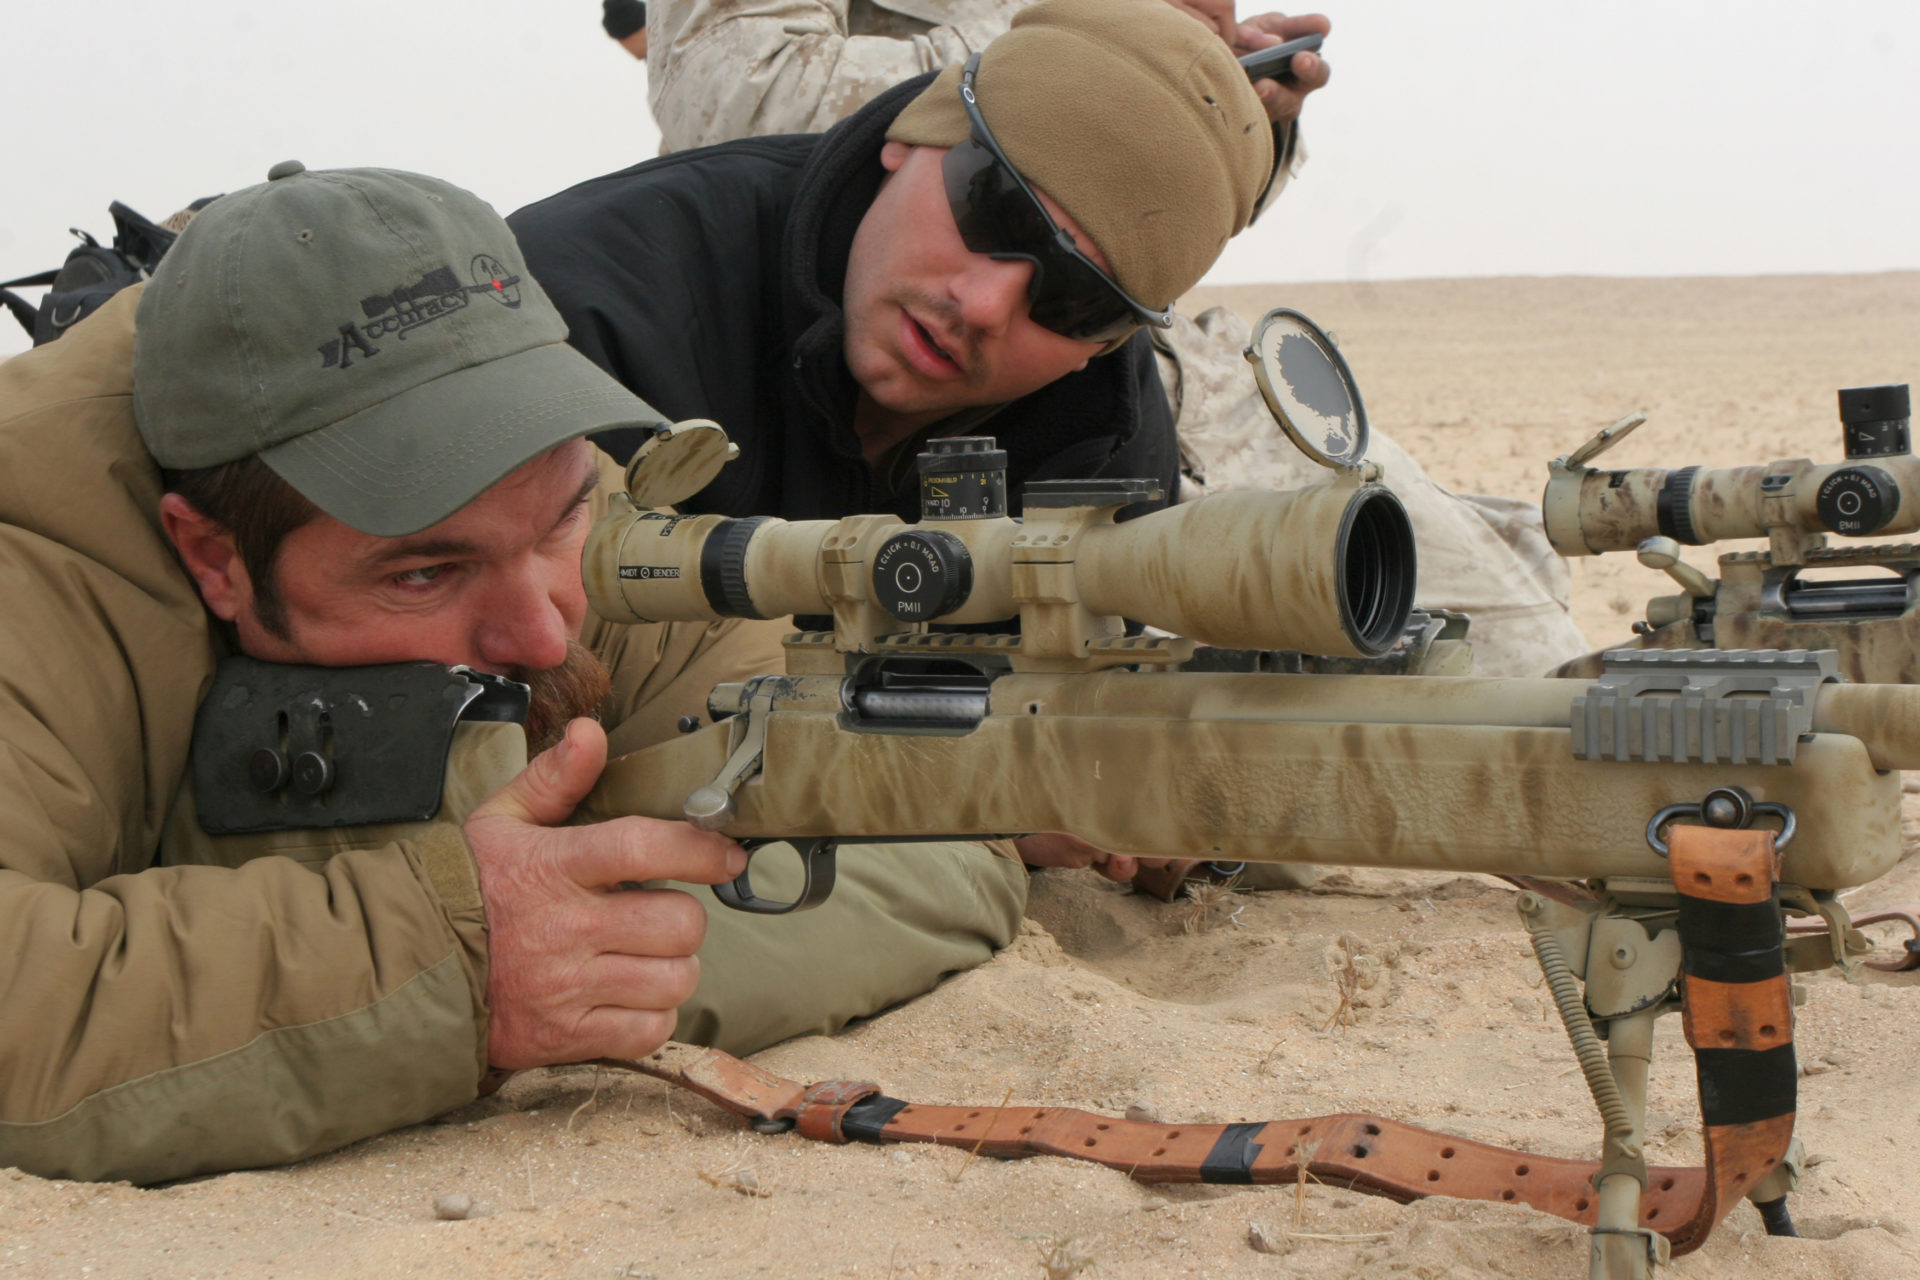 Todd Hodnett on the rifle